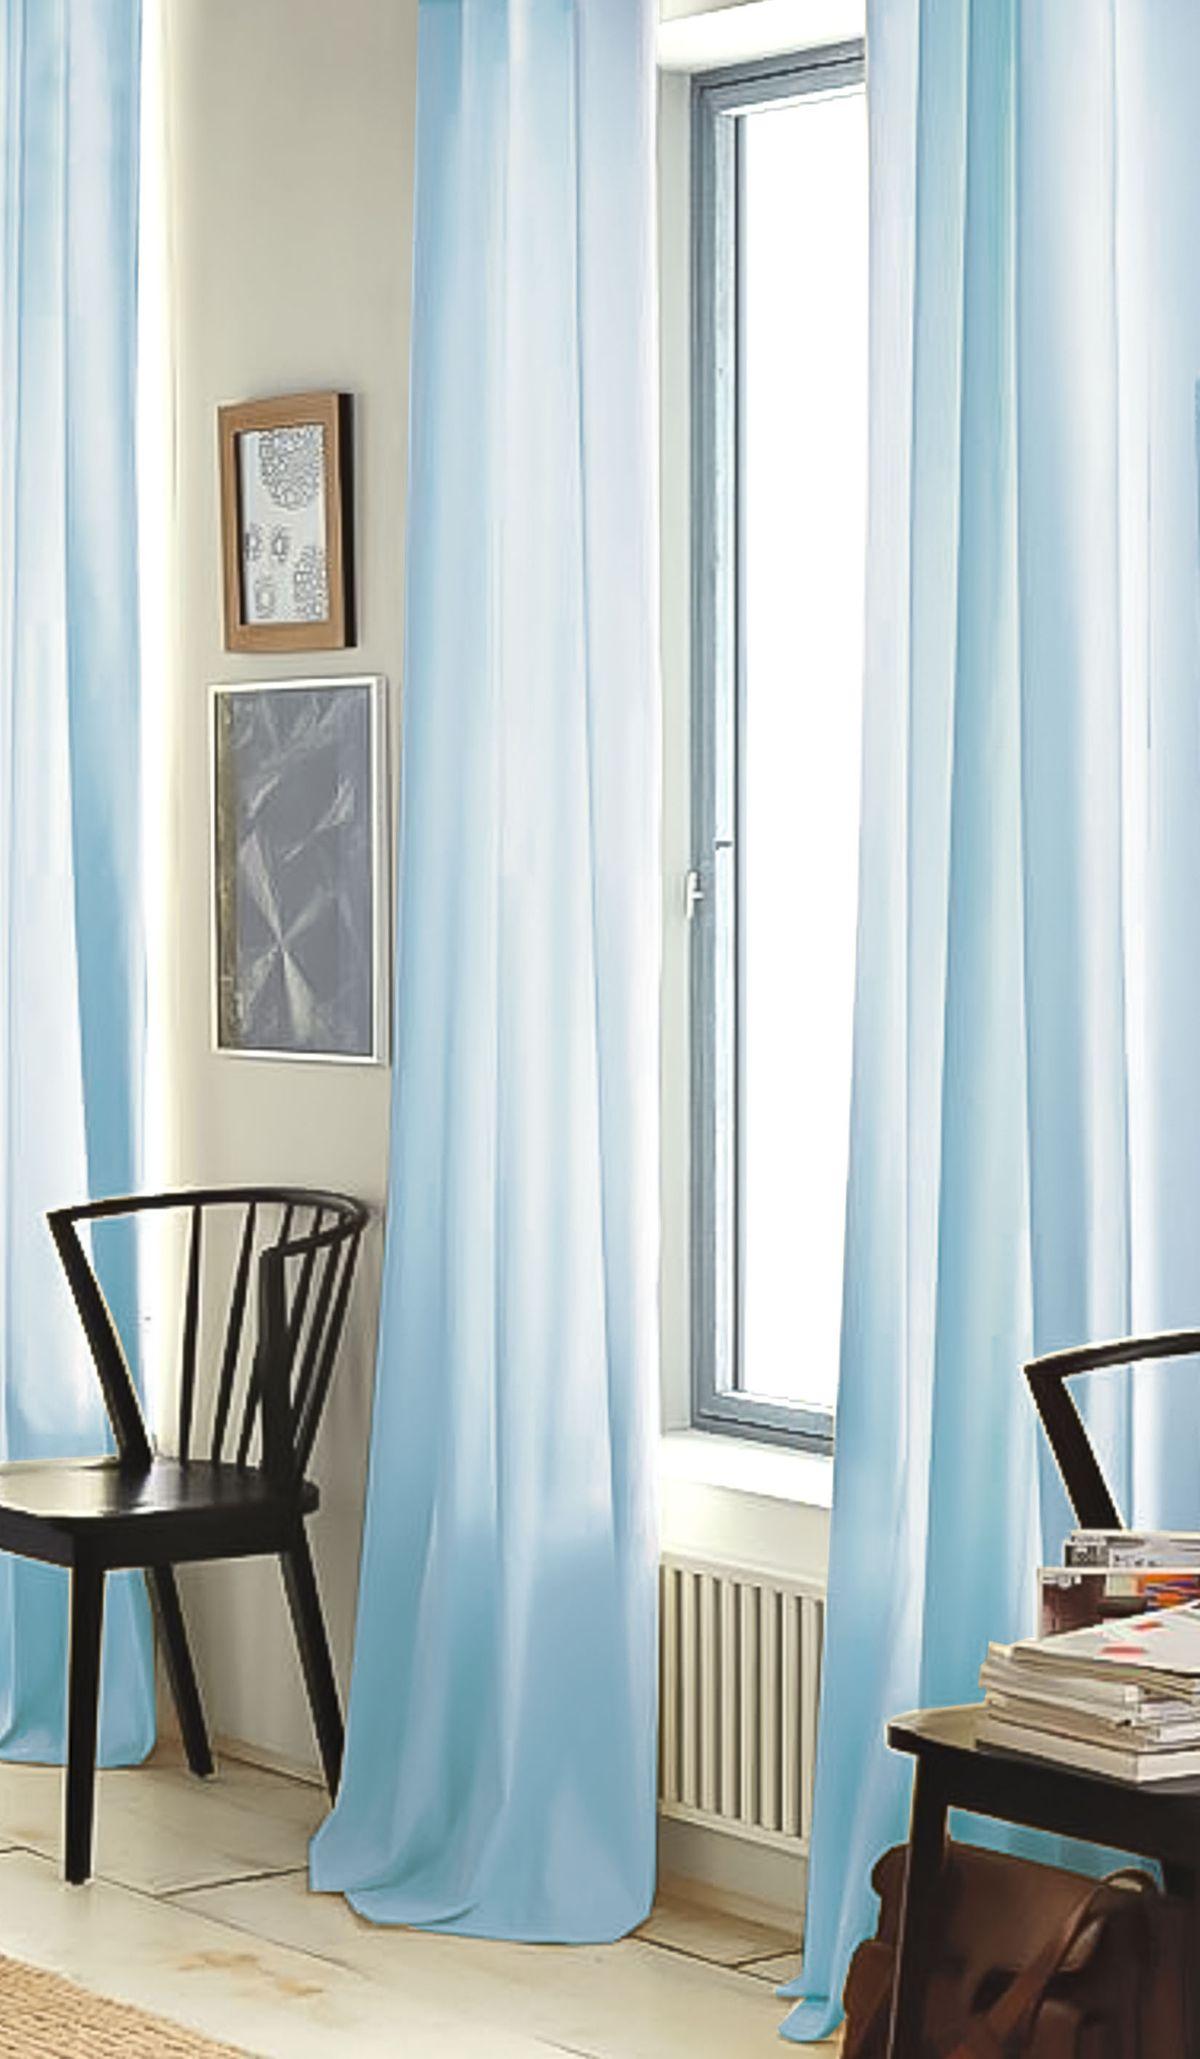 Штора готовая Garden, на ленте, цвет: бирюзовый, 300х260 см. С W356 300х260 V7906640.13.64.0258Тюлевая штора для гостиной Garden выполнена из легкой ткани, станет великолепным украшением любого окна. Воздушная ткань и приятная текстура создаст неповторимую атмосферу в вашем доме. Штора крепится на карниз при помощи ленты, которая поможет красиво и равномерно задрапировать верх.